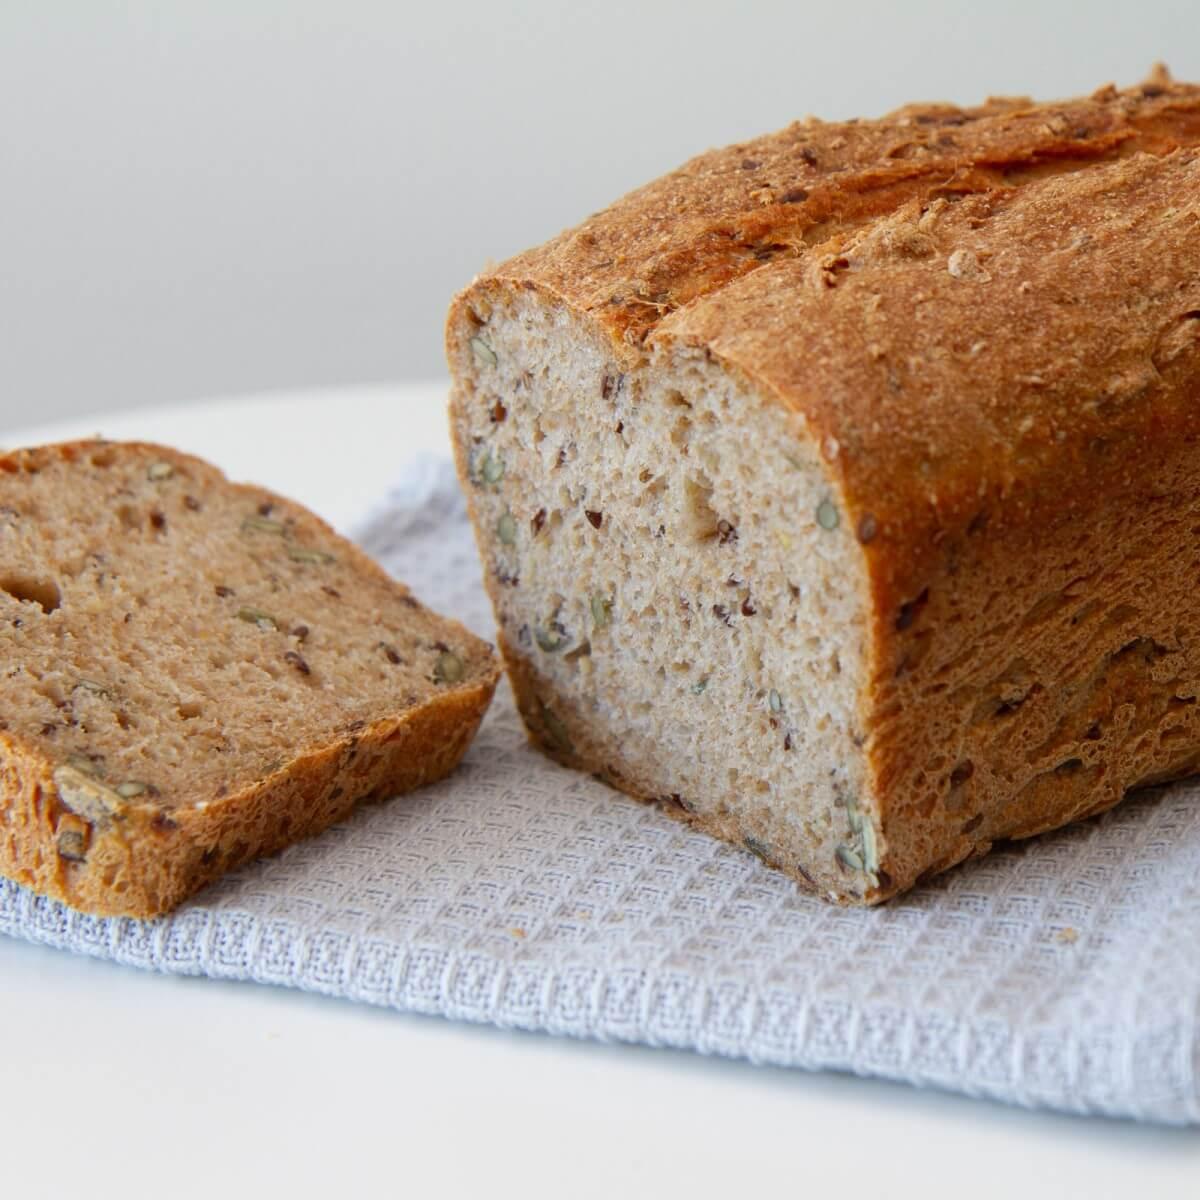 Grovt brød med bygg og havre